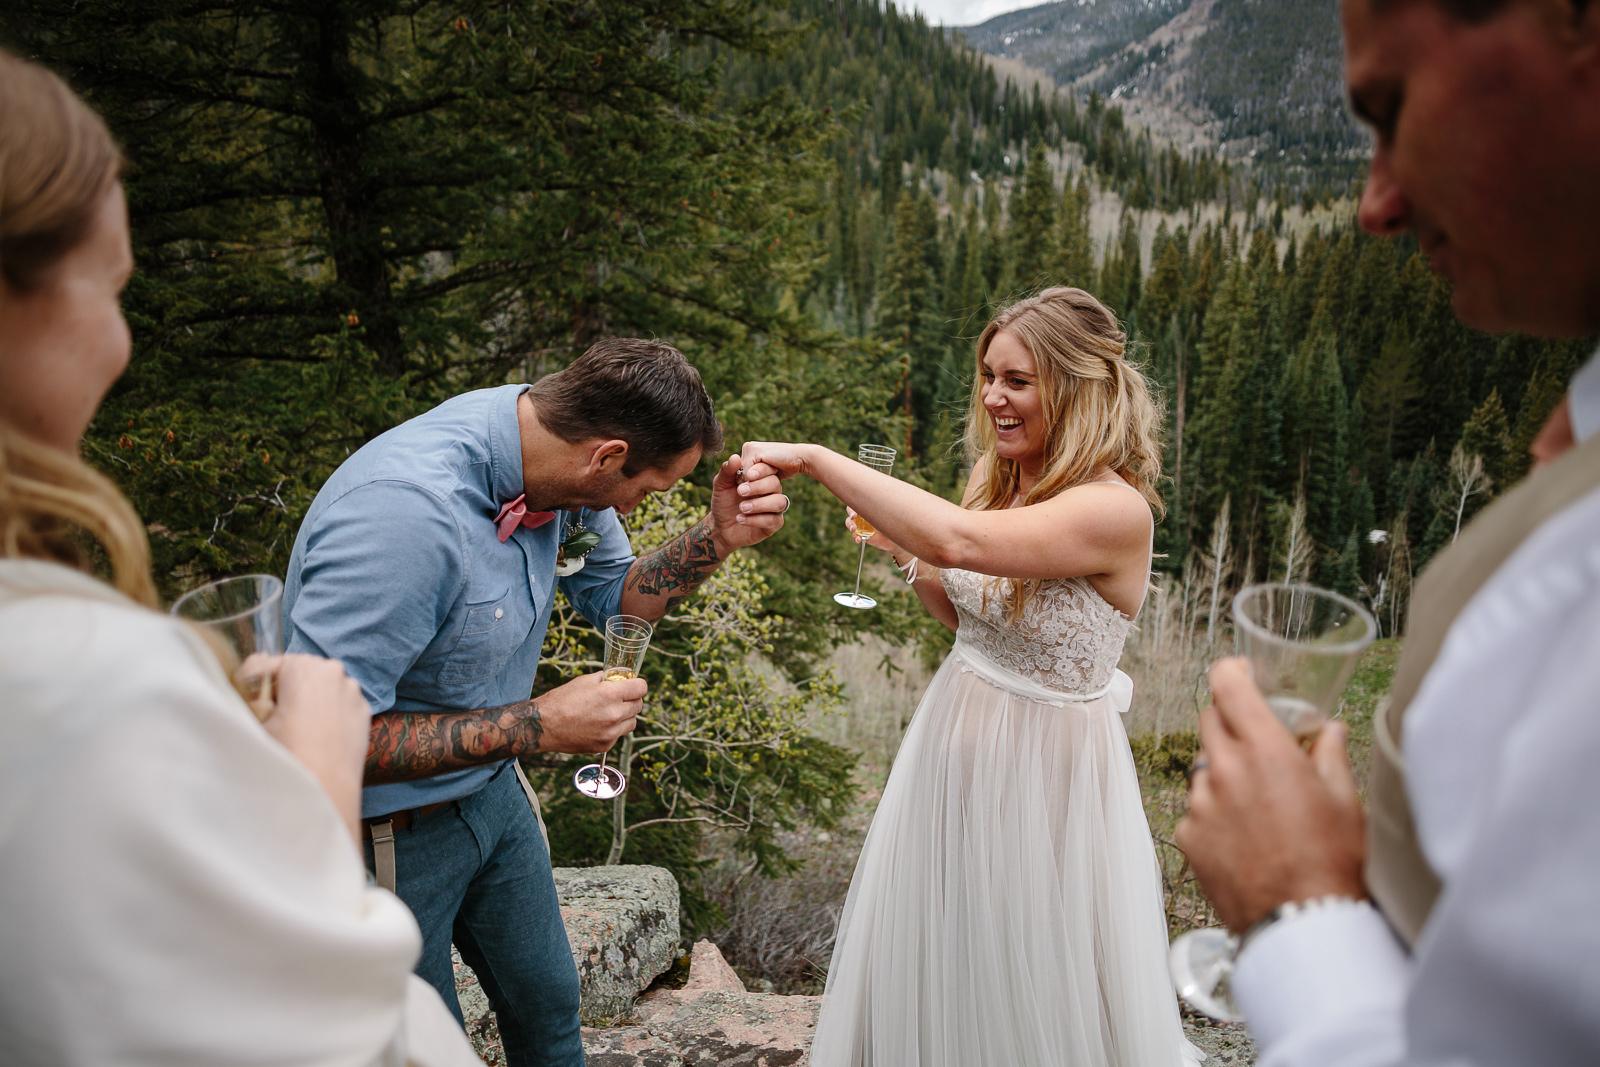 040-vail-elopement-photographer-chris-and-tara.jpg